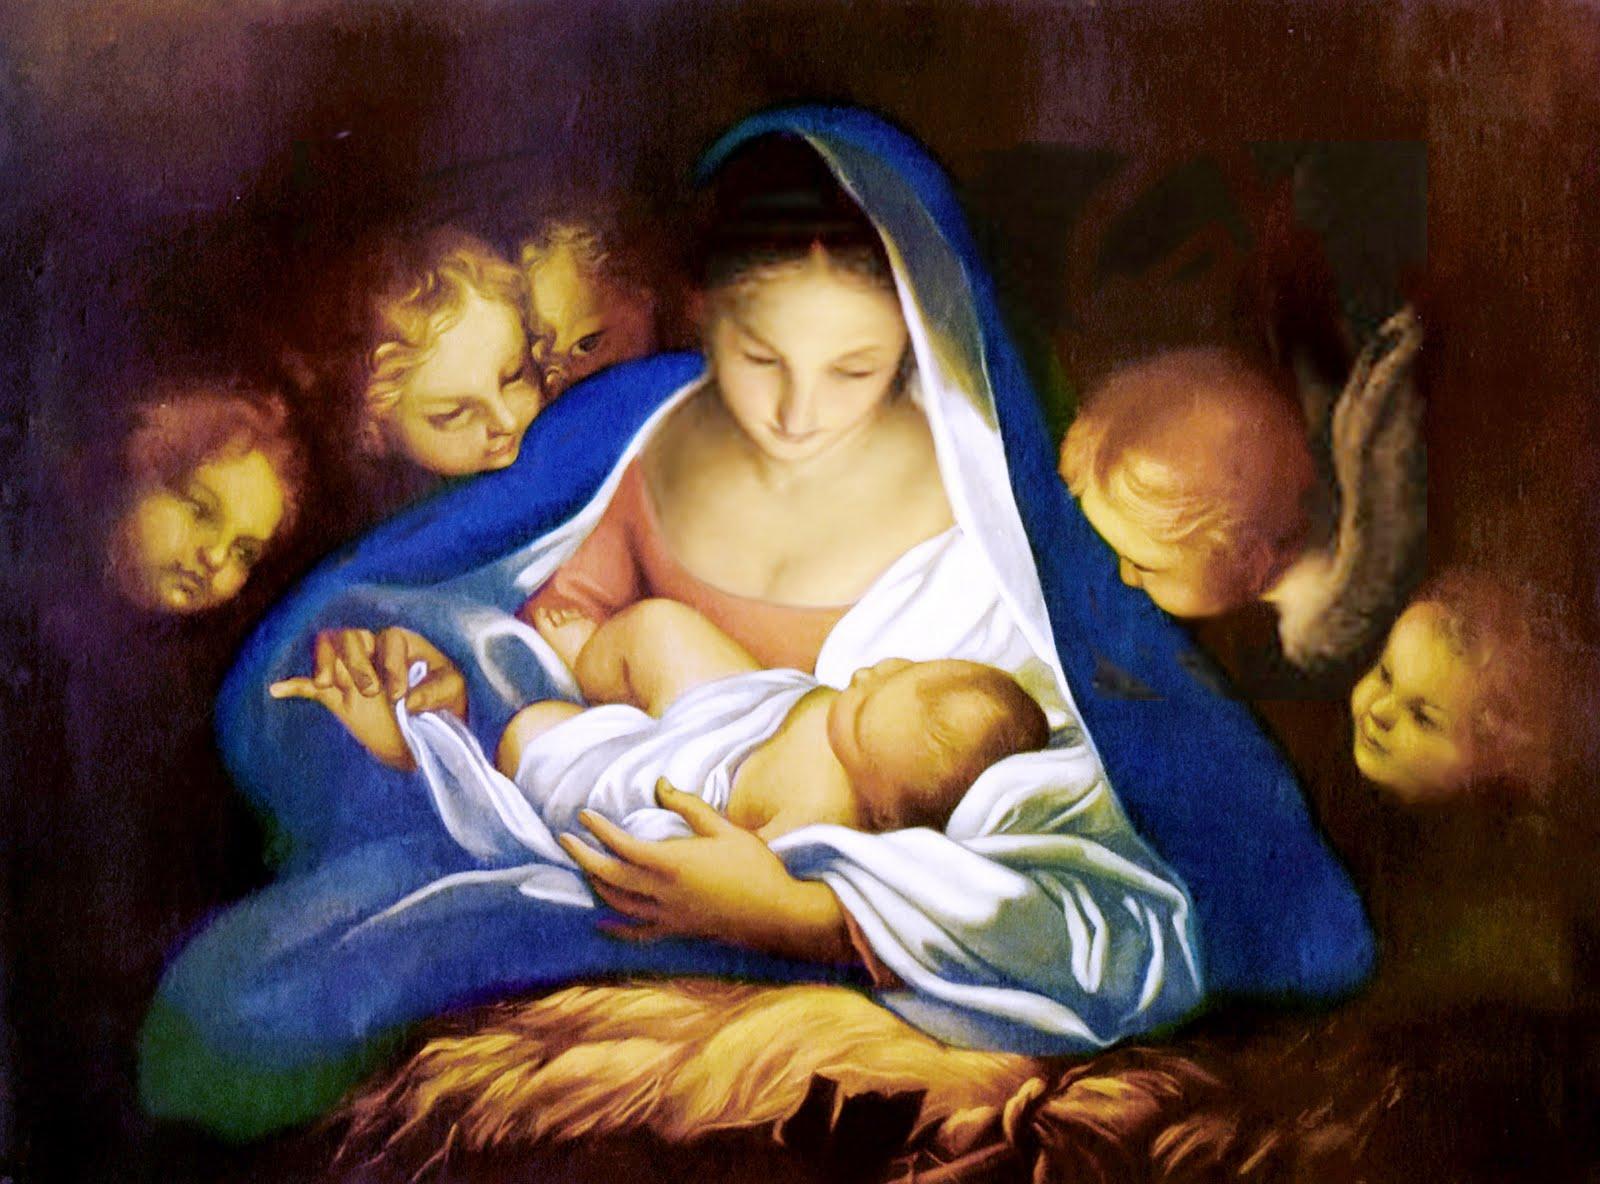 Nacimiento de Jesús no requiere registro civil • Periódico ...